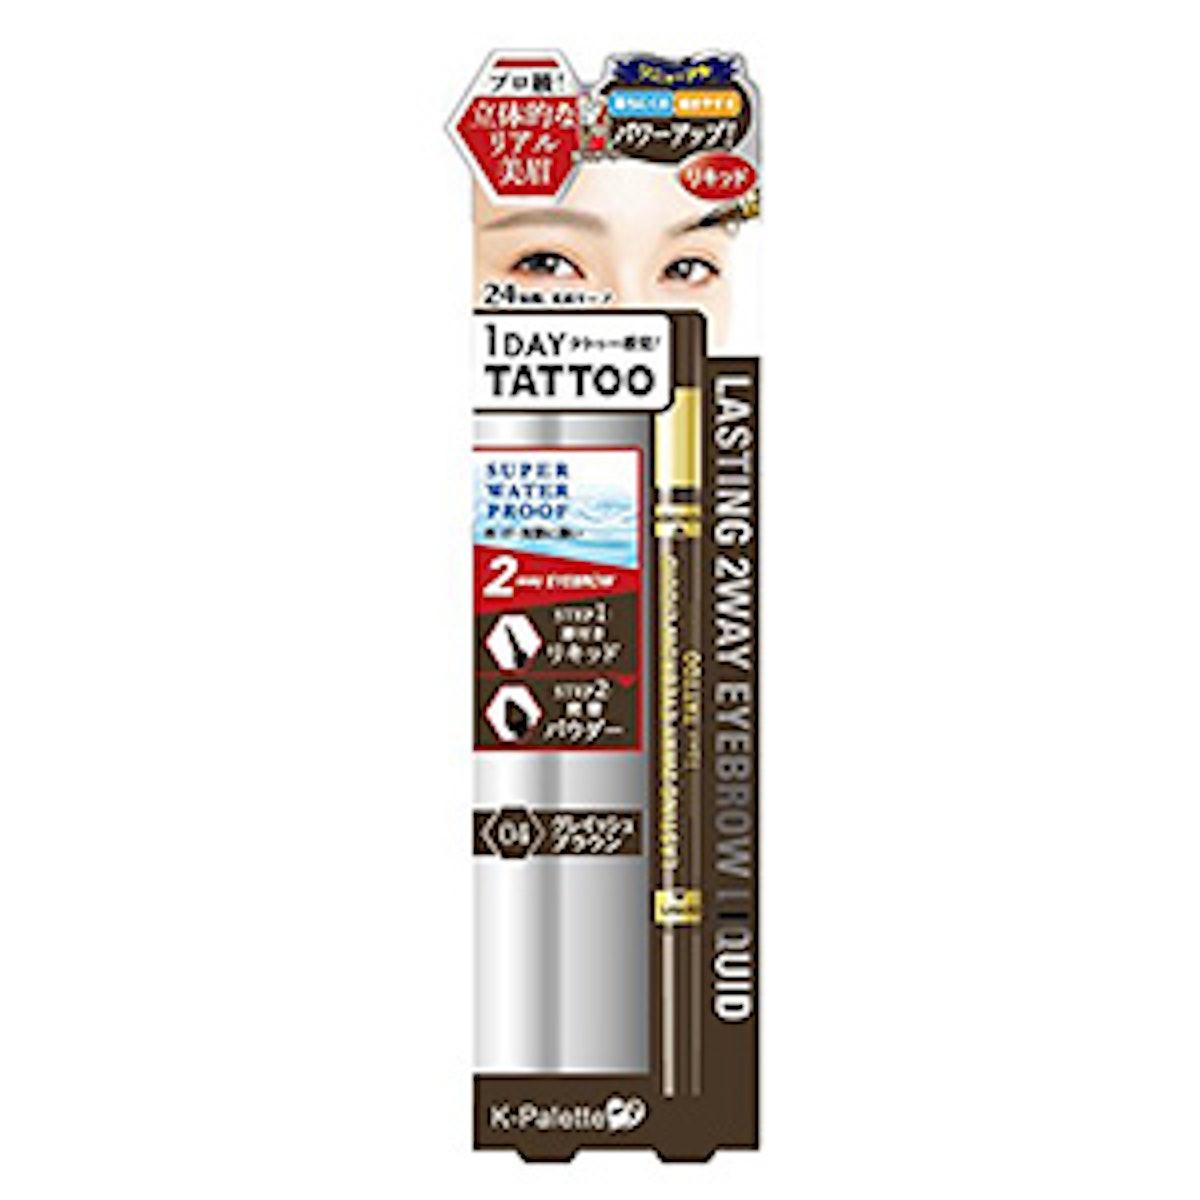 1 Day Tattoo Lasting 2-Way Liquid Eyebrow & Eyebrow Powder